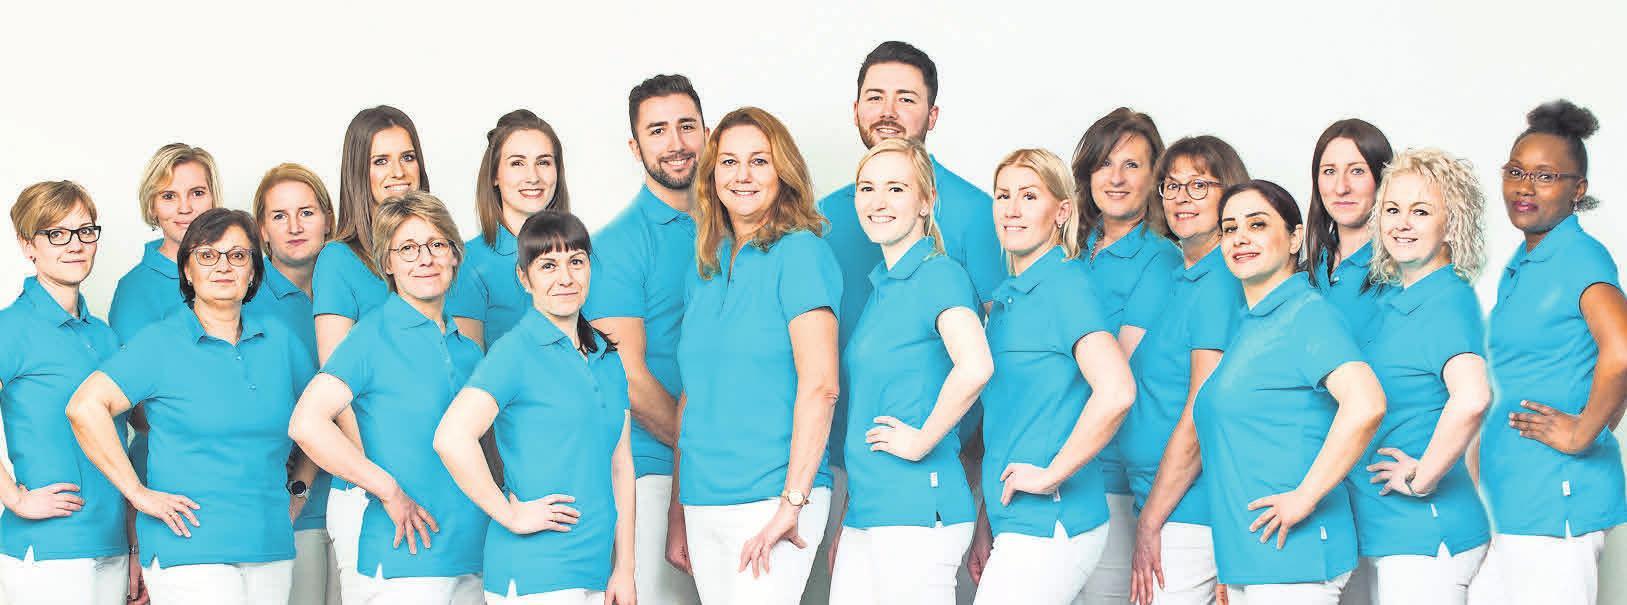 Das Team des Podologie Zentrums Behrens ist an zwei Standorten in Laatzen sowie in Wettbergen vertreten.